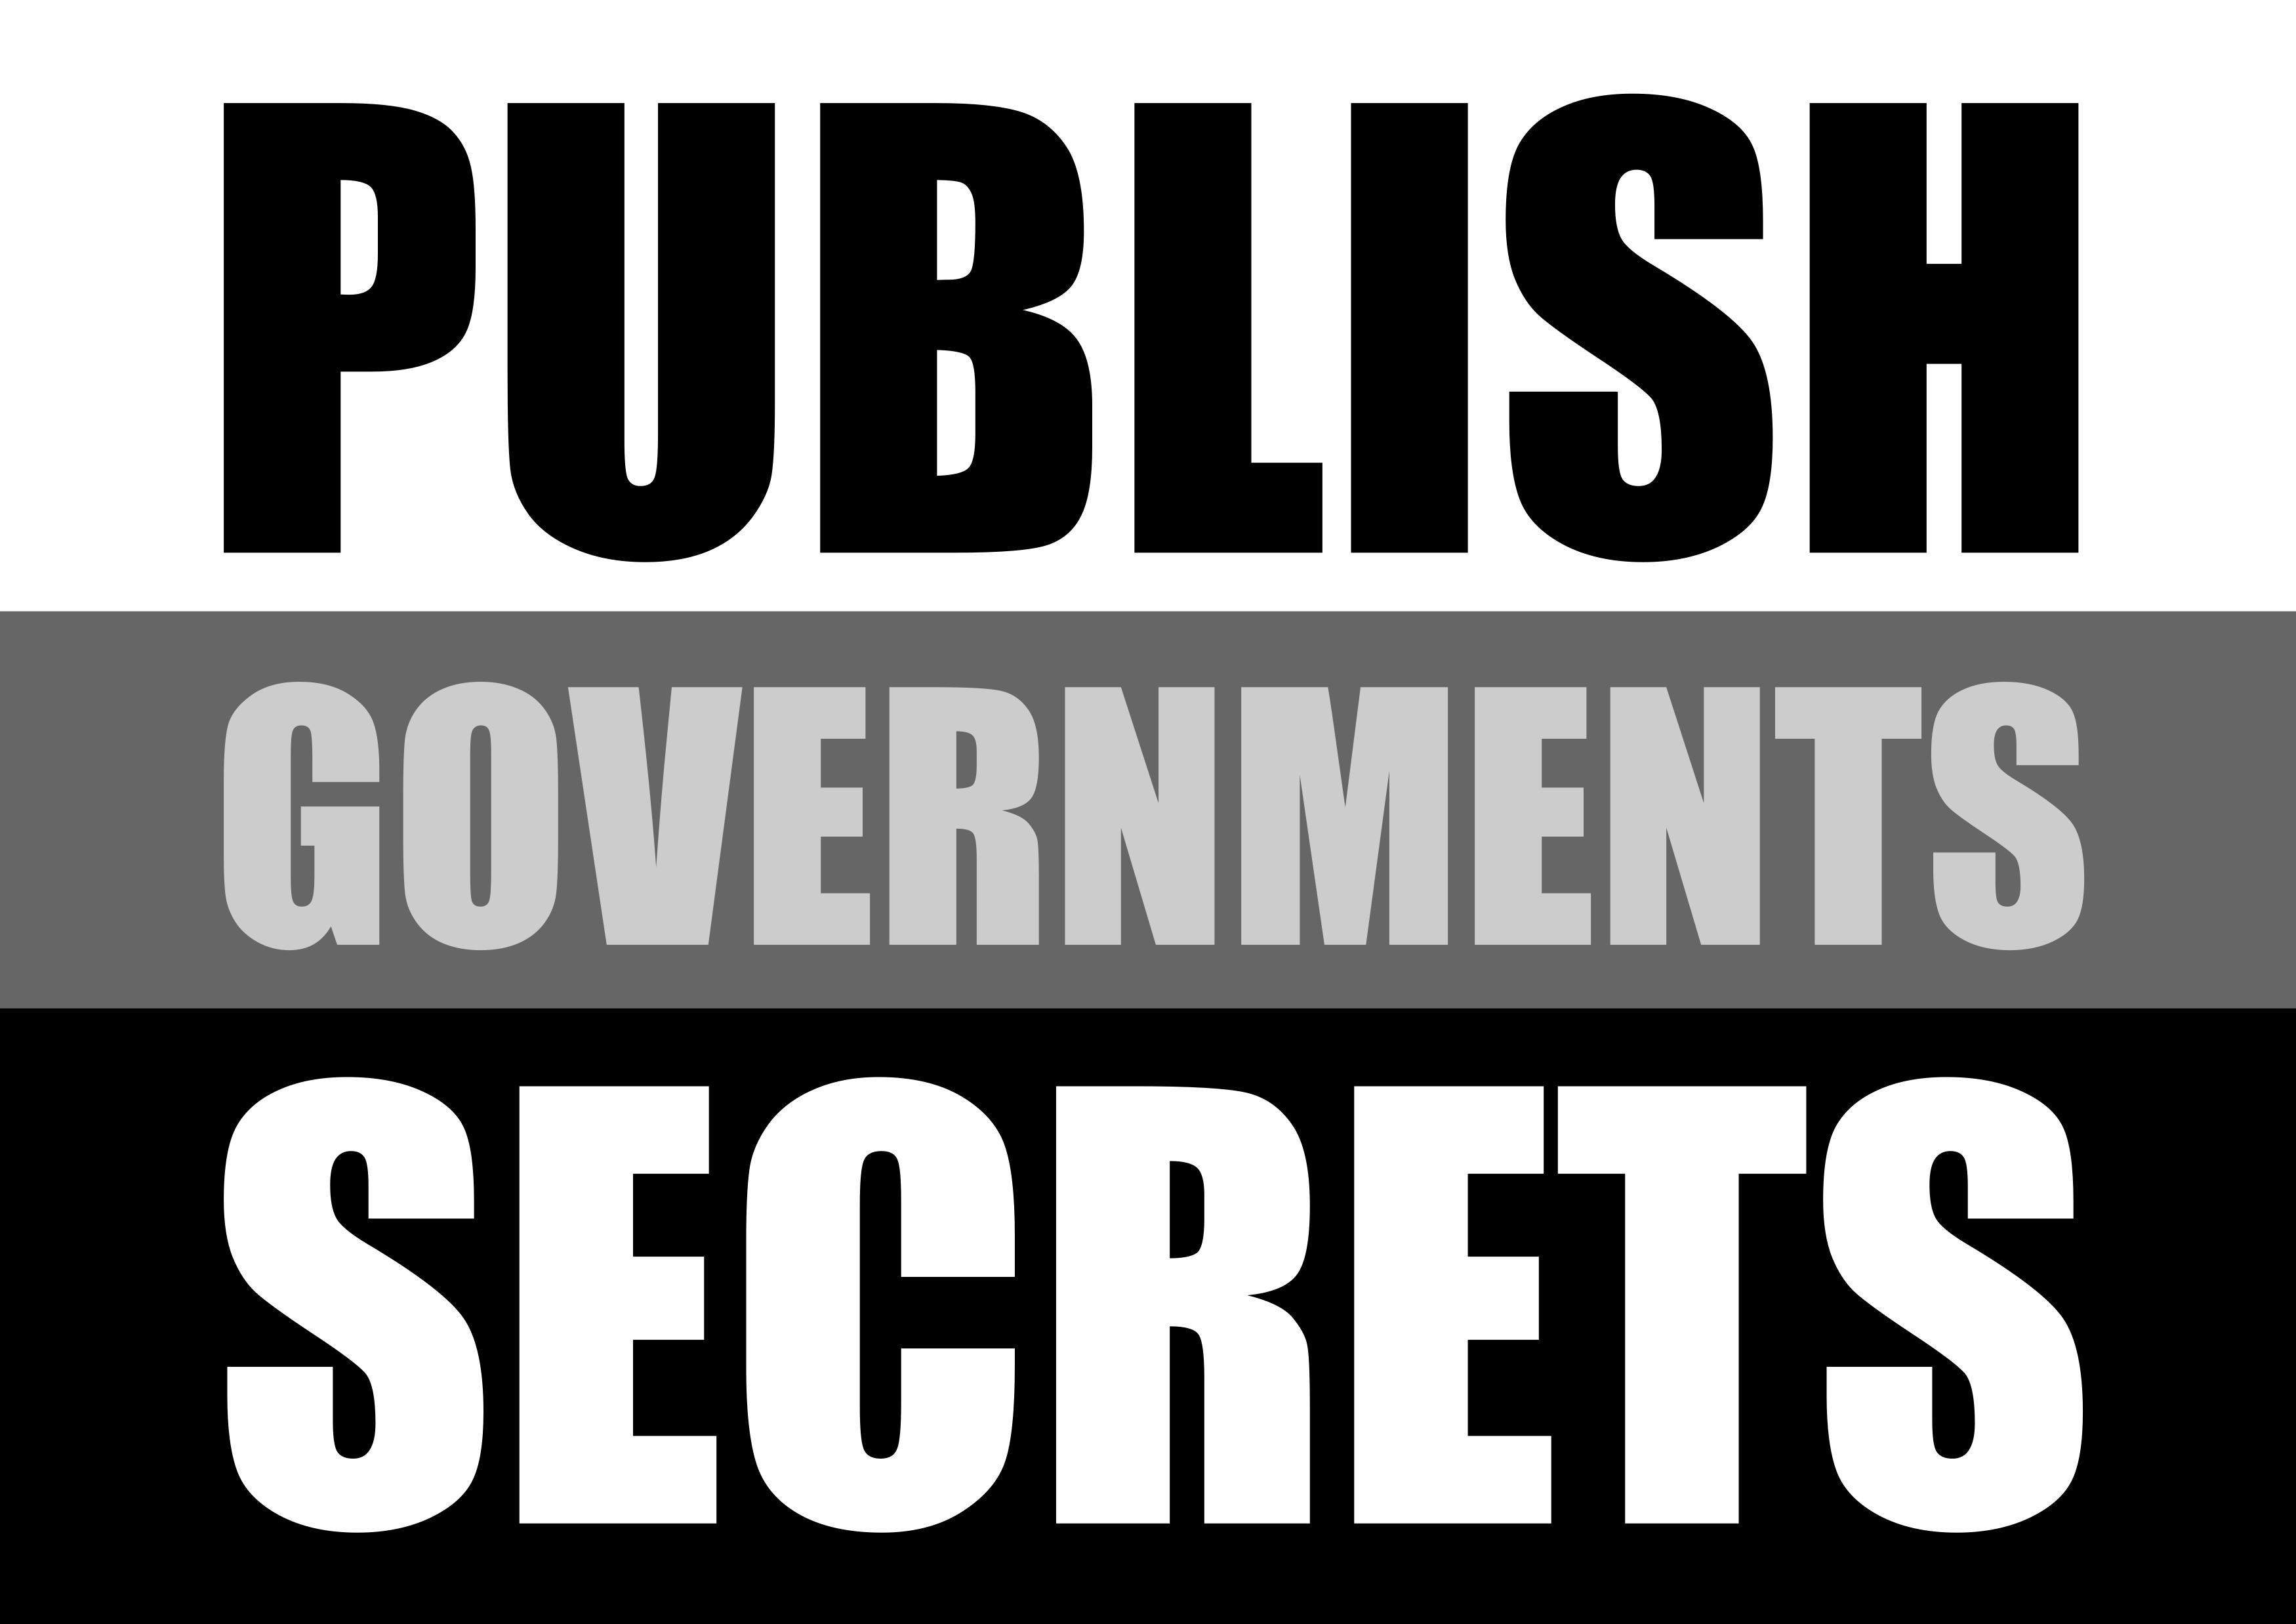 publish_governments_secrets.png